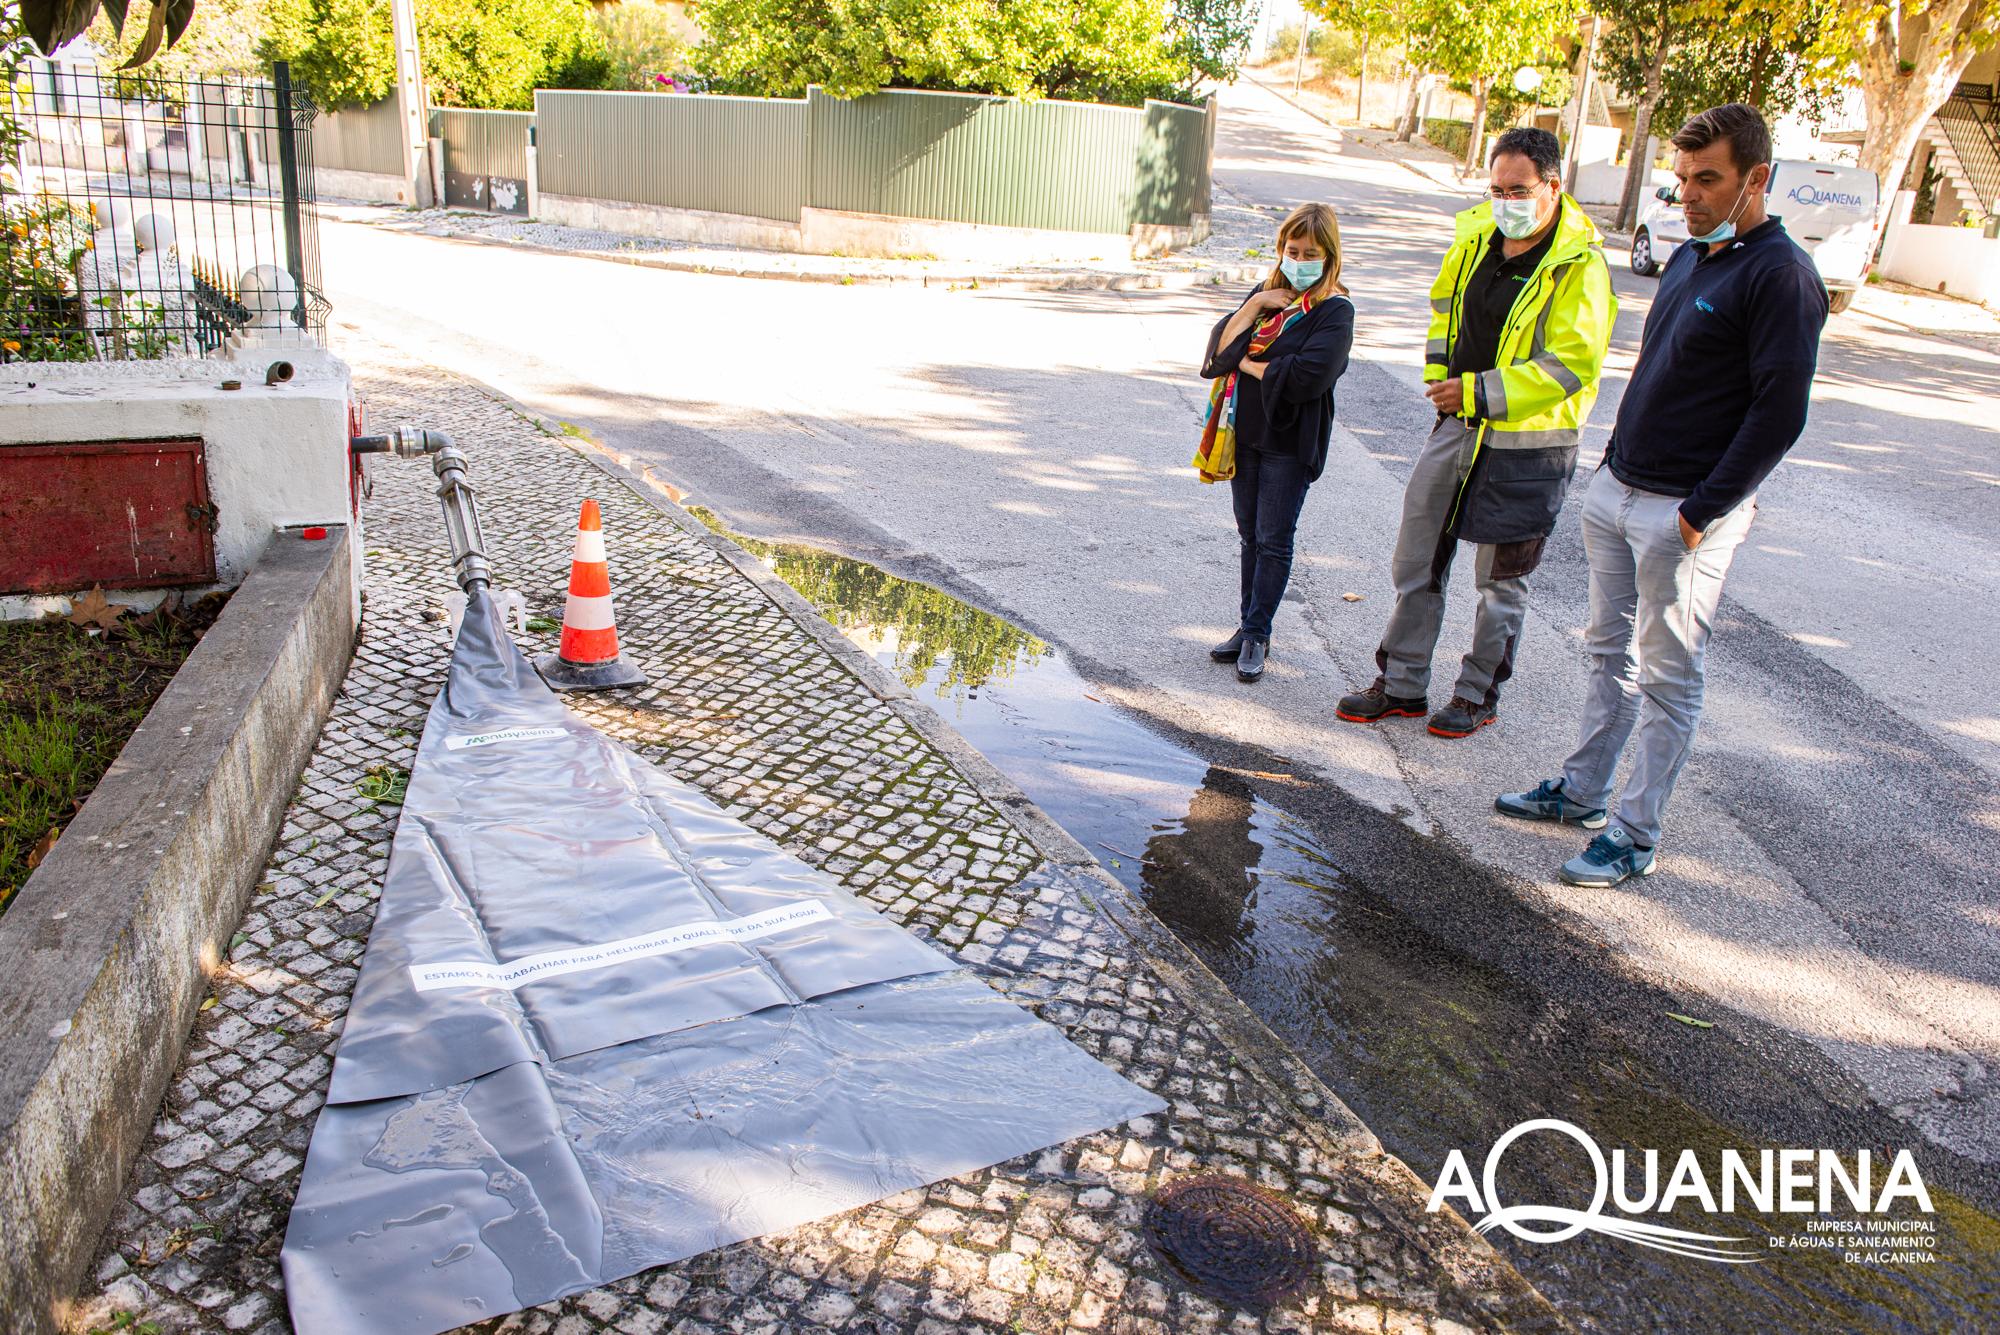 Dia Nacional da Água | AQUANENA investe na melhoria do abastecimento de água com limpeza de condutas